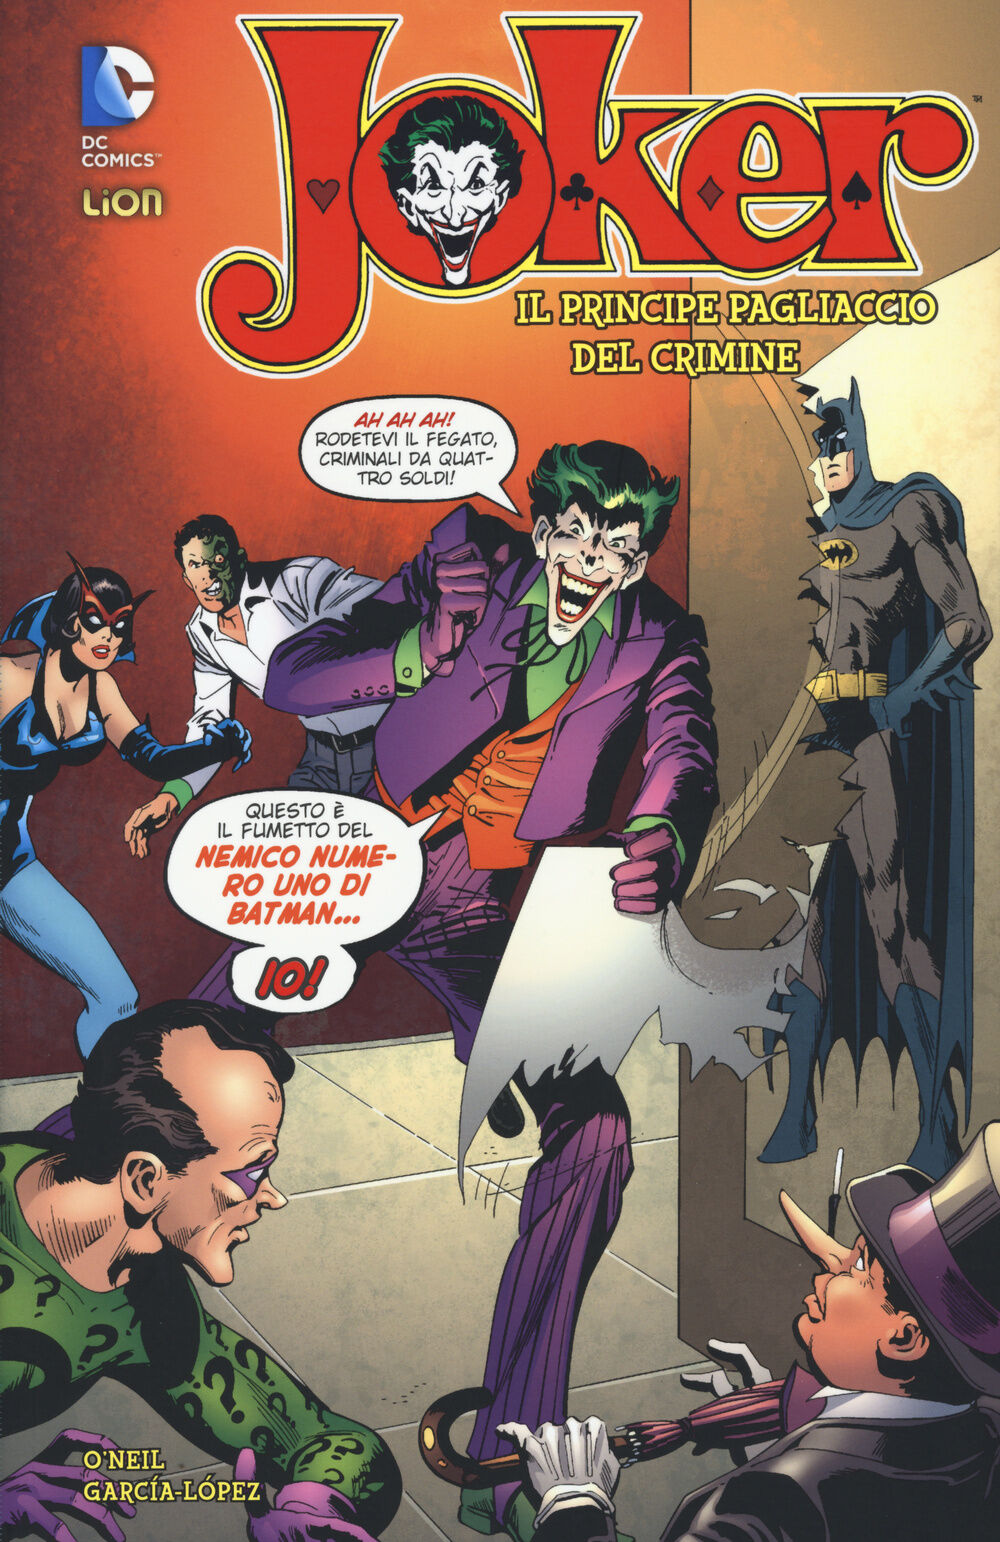 Joker. Il principe pagliaccio del crimine. Vol. 1